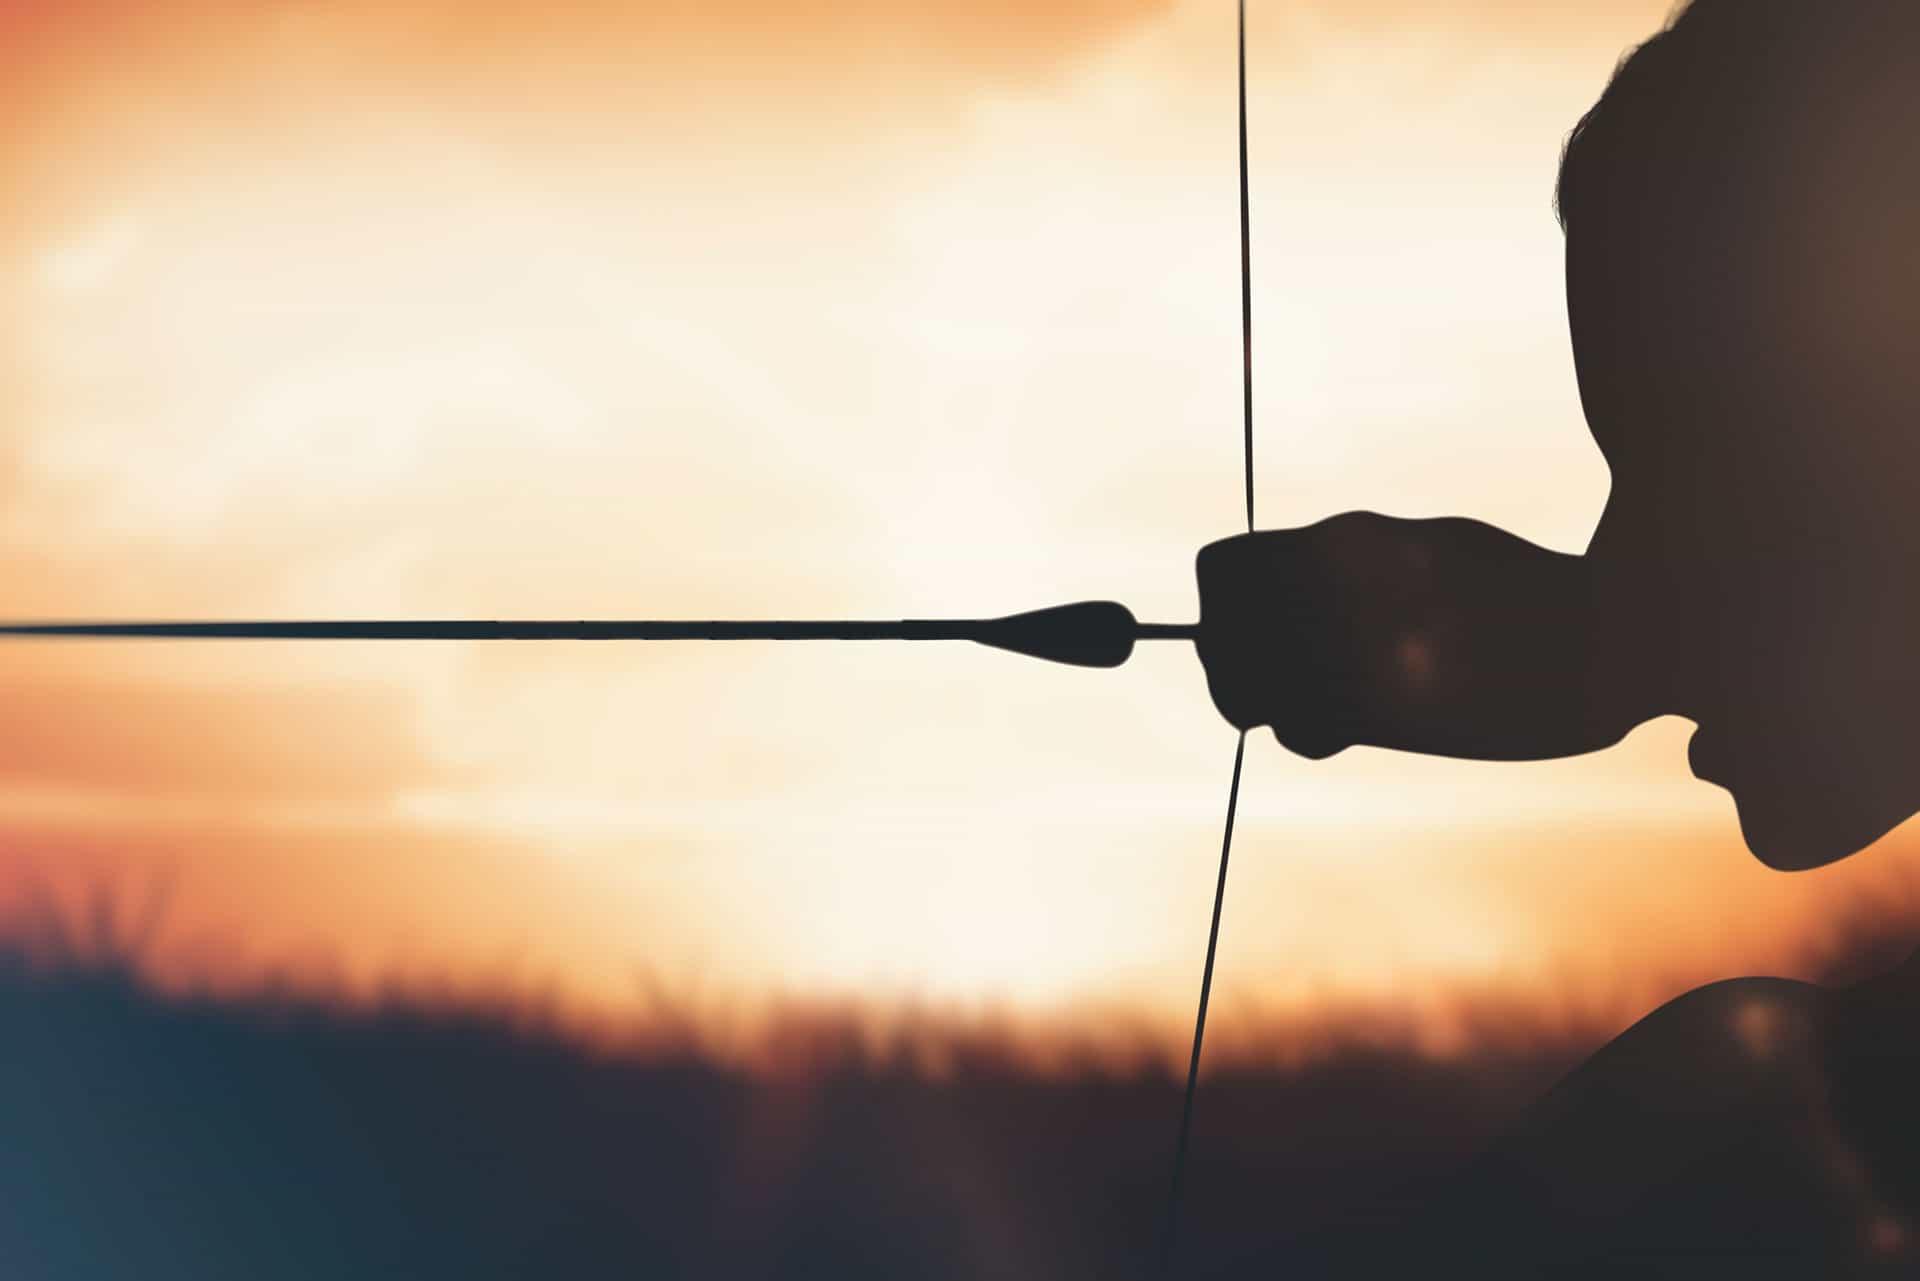 Kvinna i en bågskytteförening skjuter med pilbåge